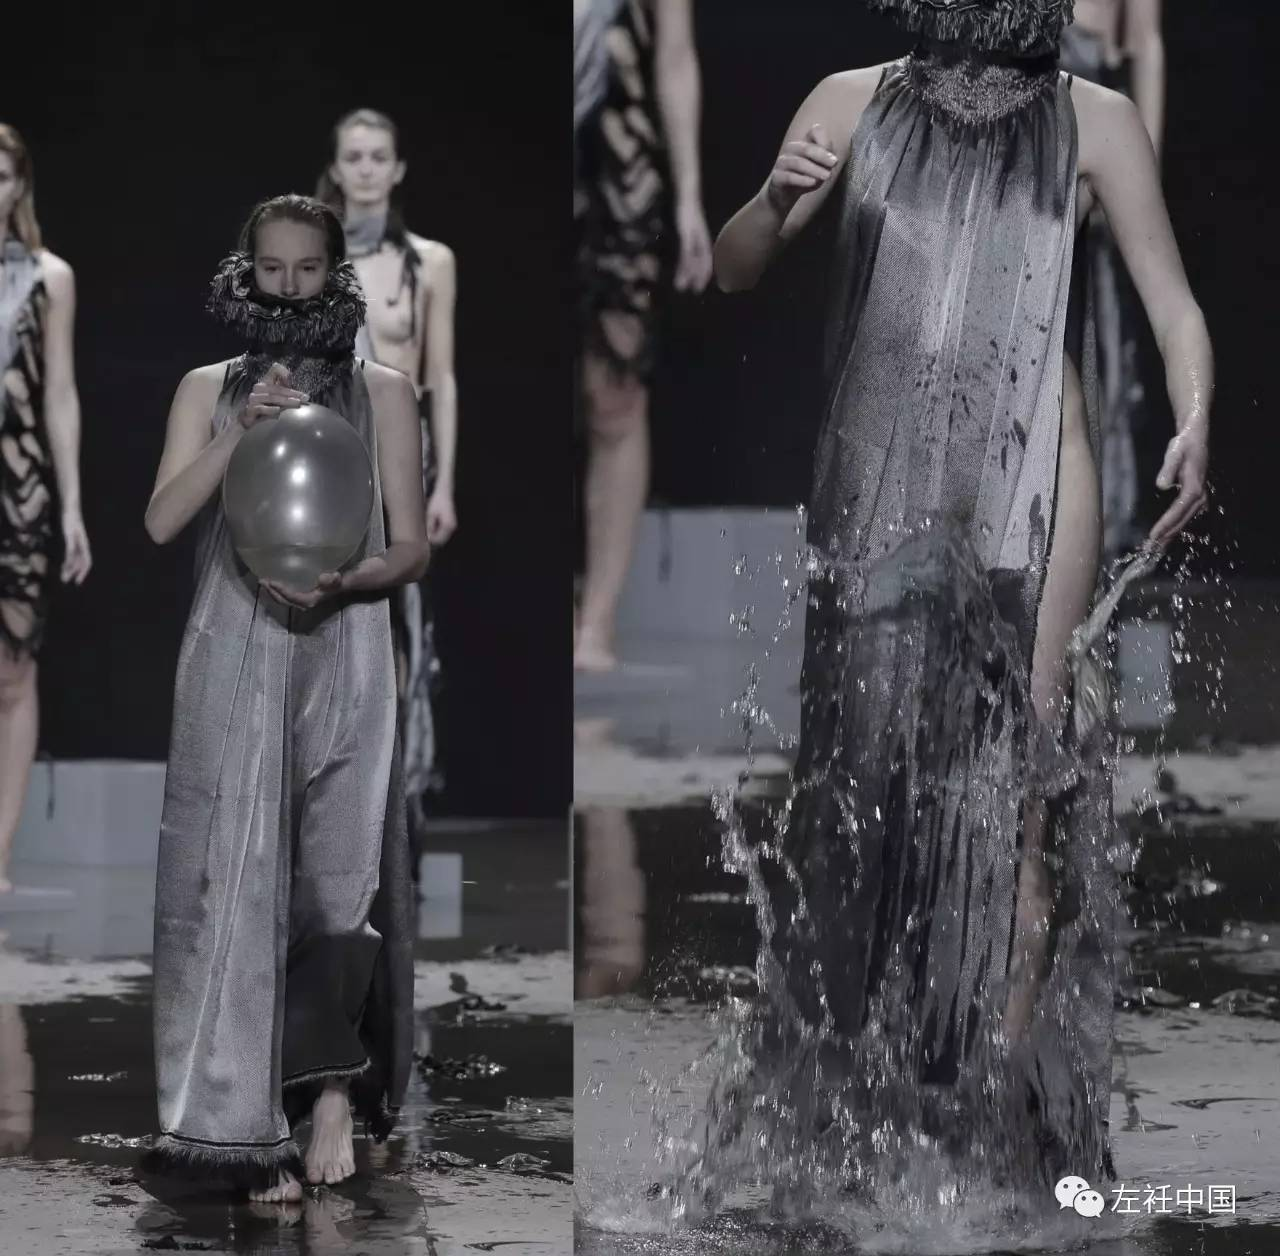 遇水即溶的未来时装震撼全场 ART 第35张